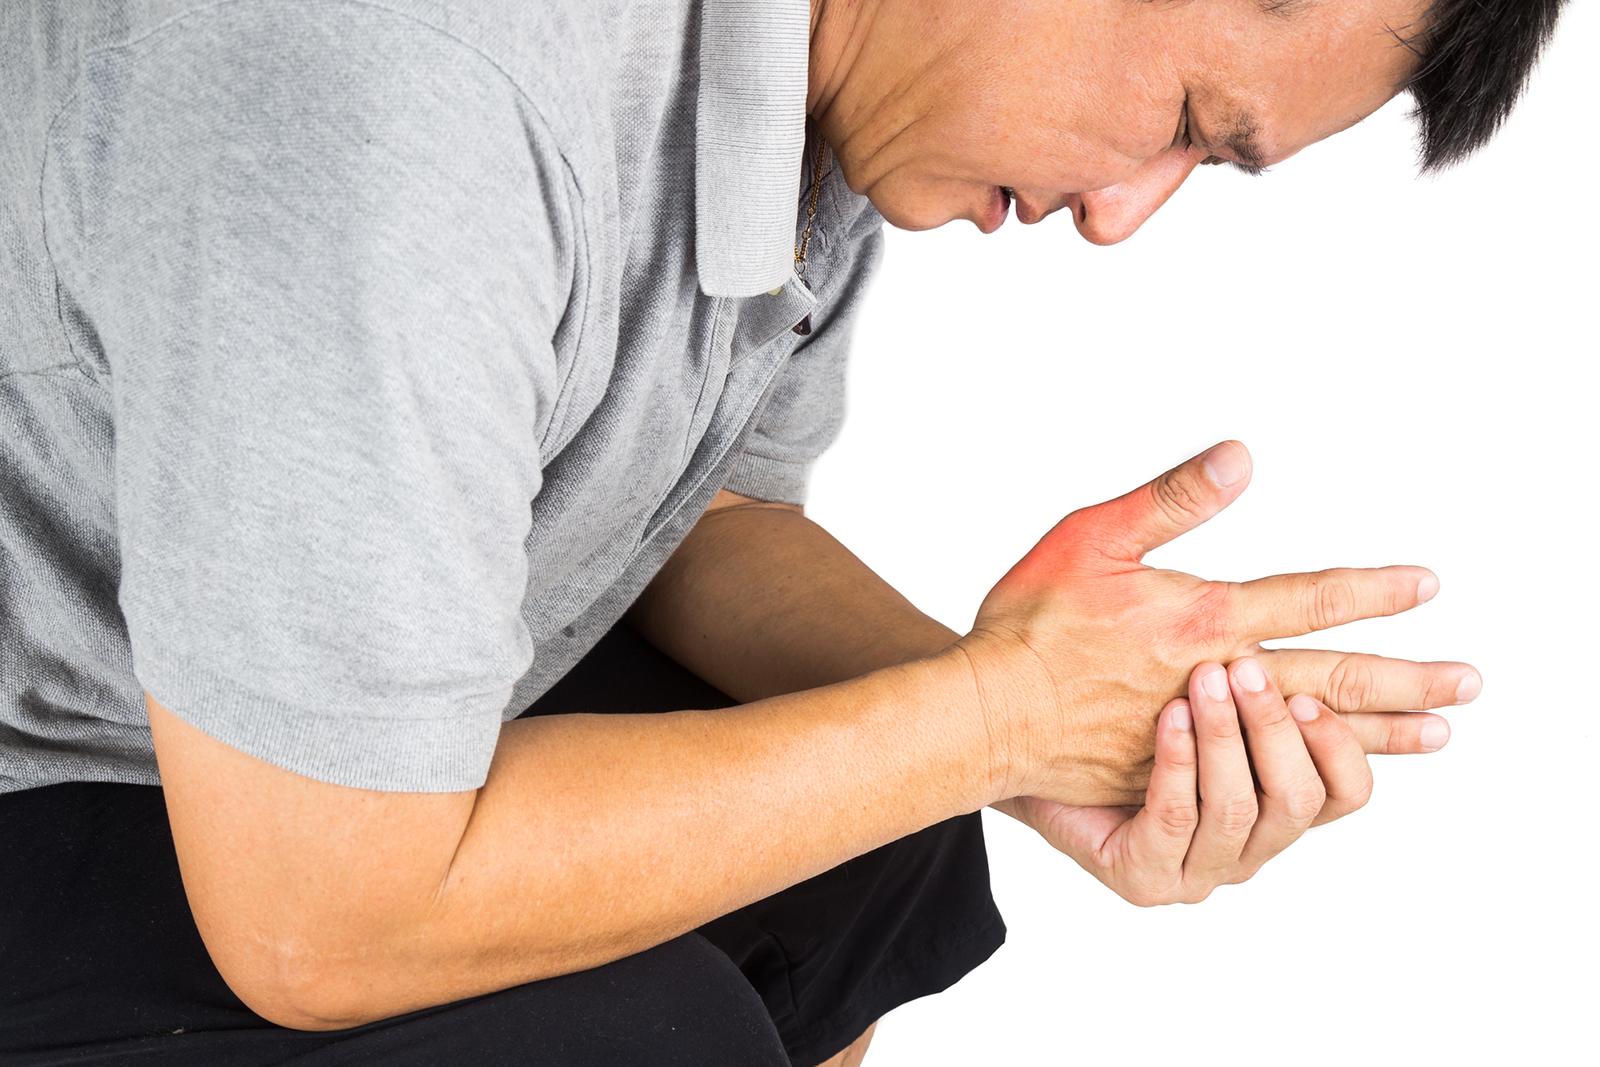 Tout savoir sur les symptômes et traitements reliés au pouce